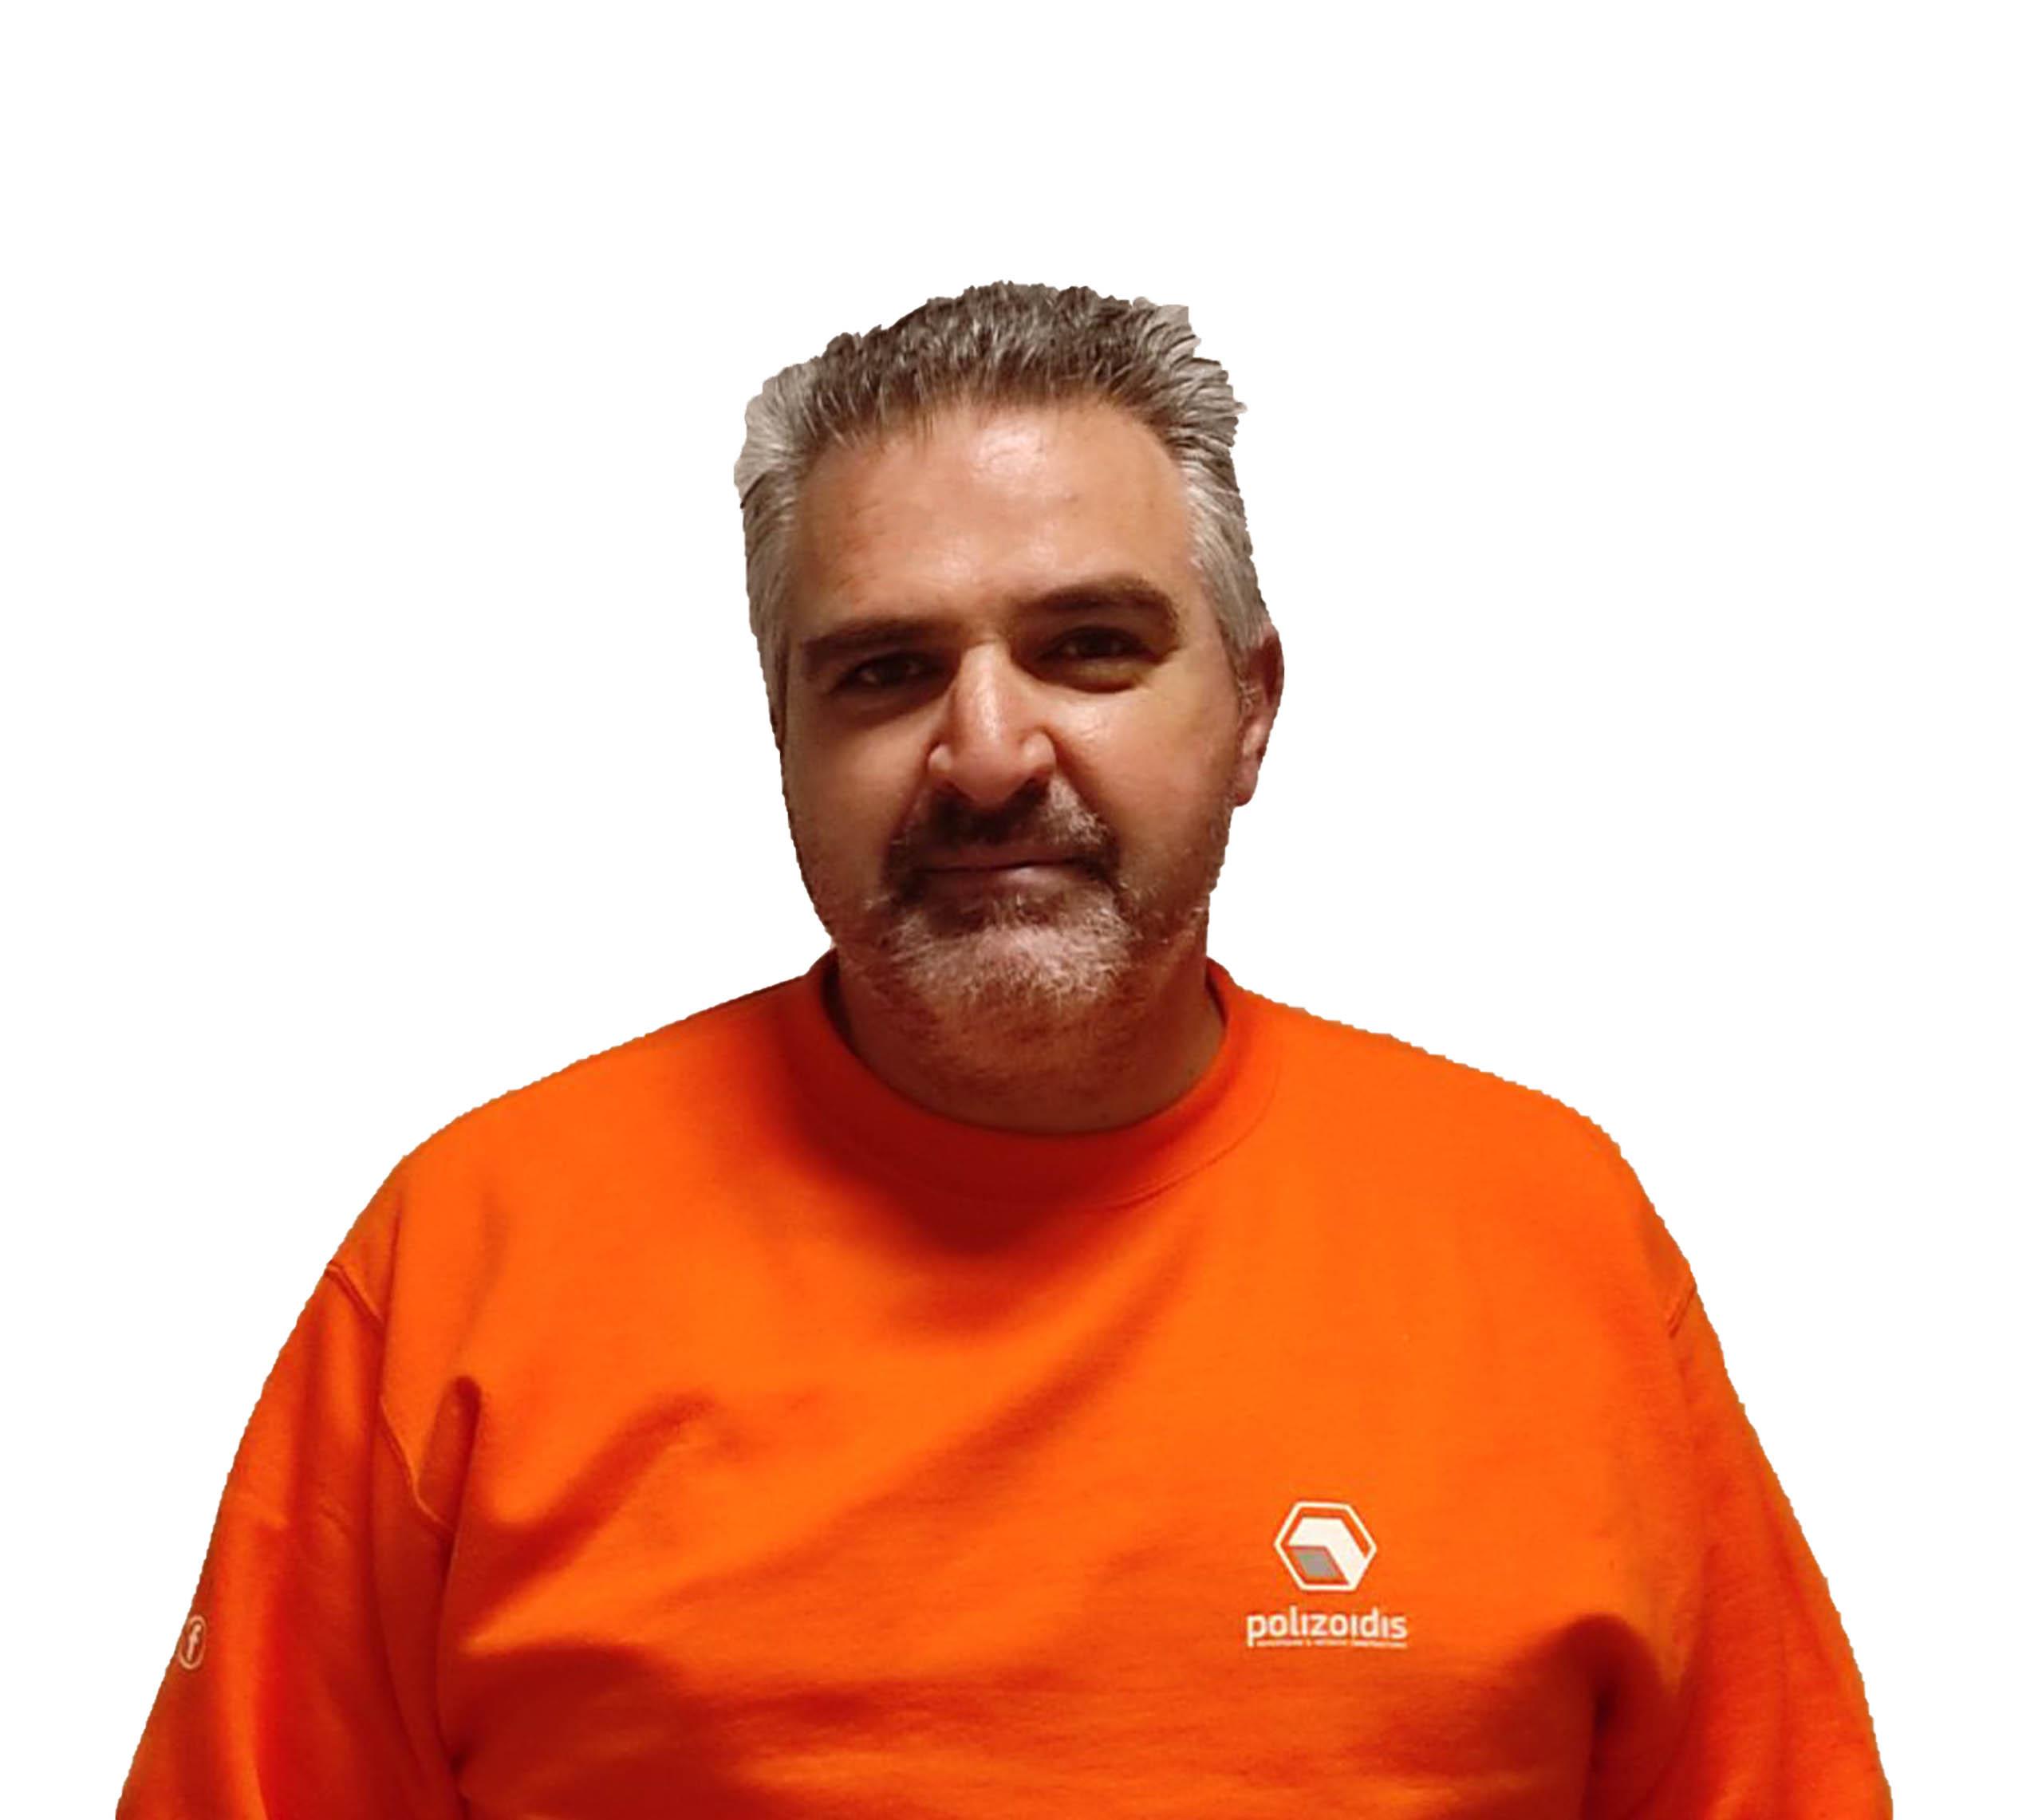 Δημήτρης Μοσχότογλου